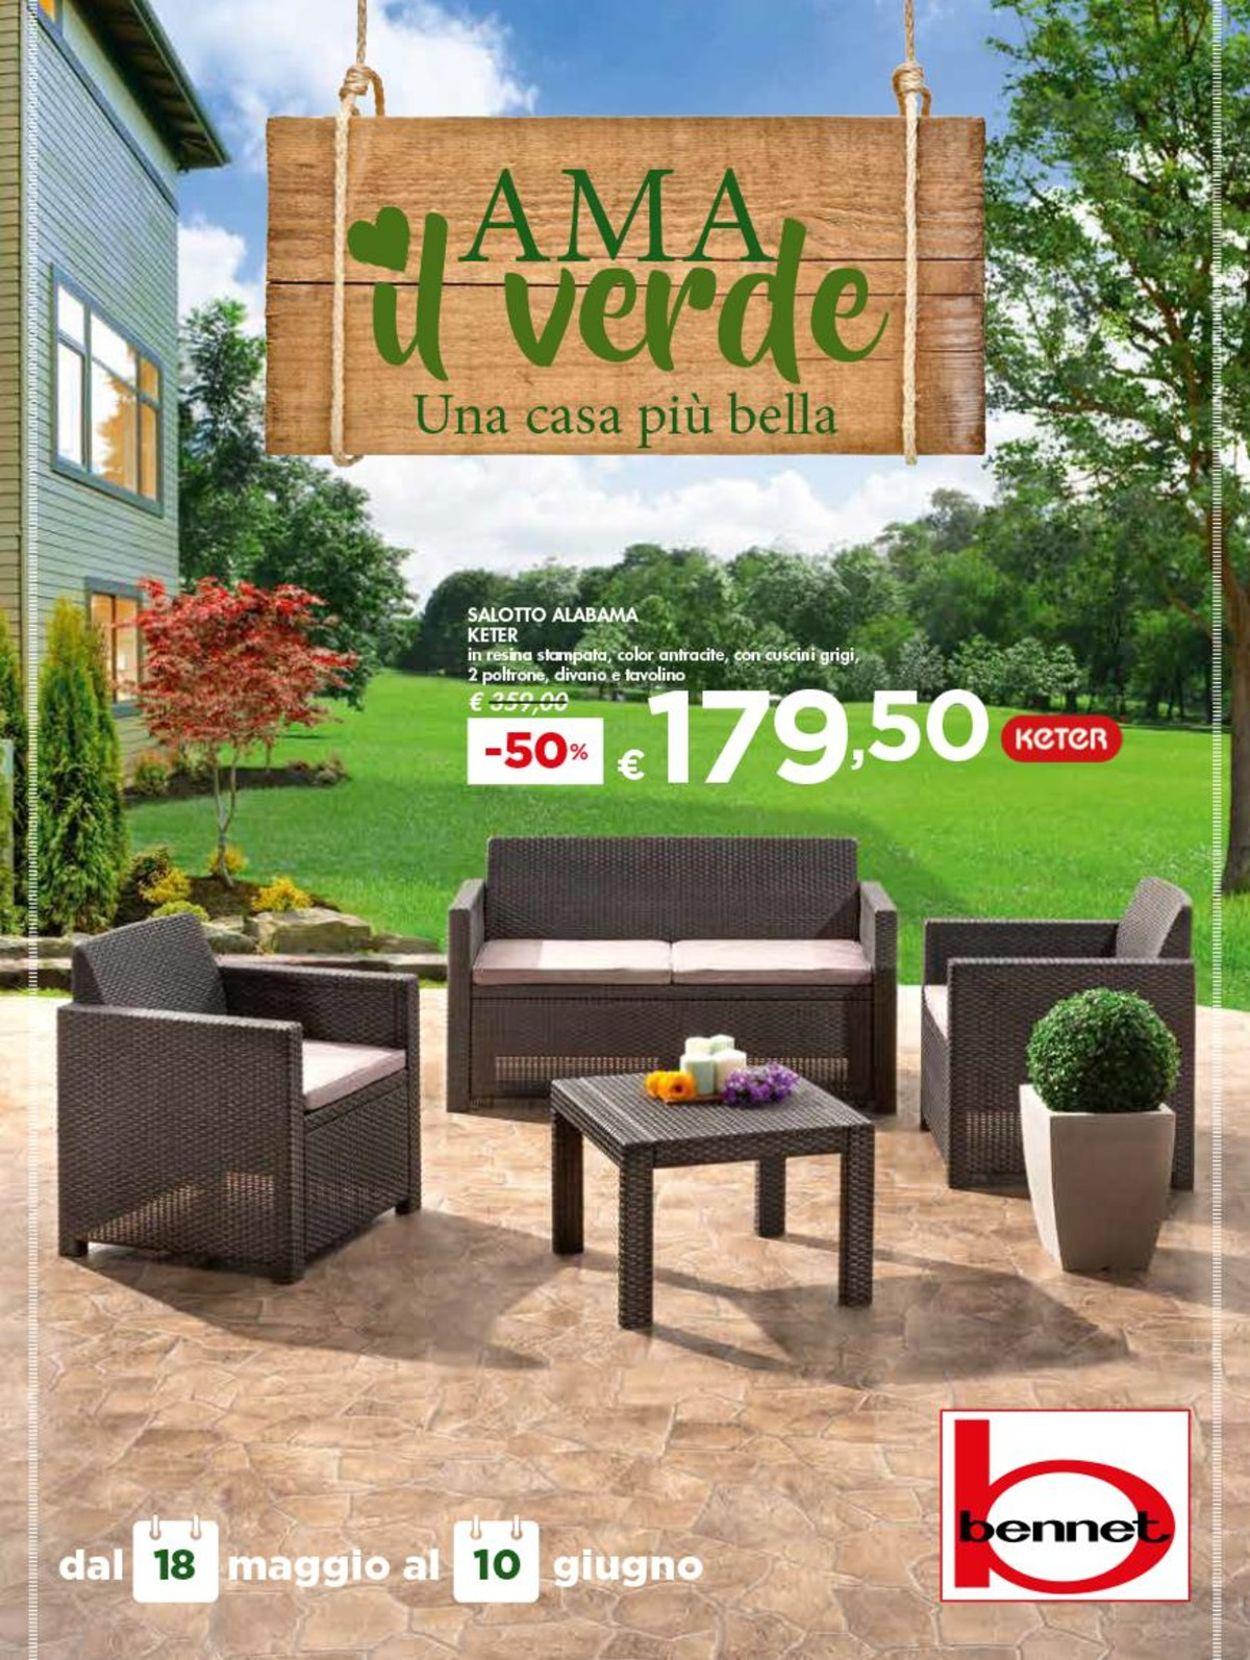 Volantino bennet - Offerte 18/05-10/06/2020